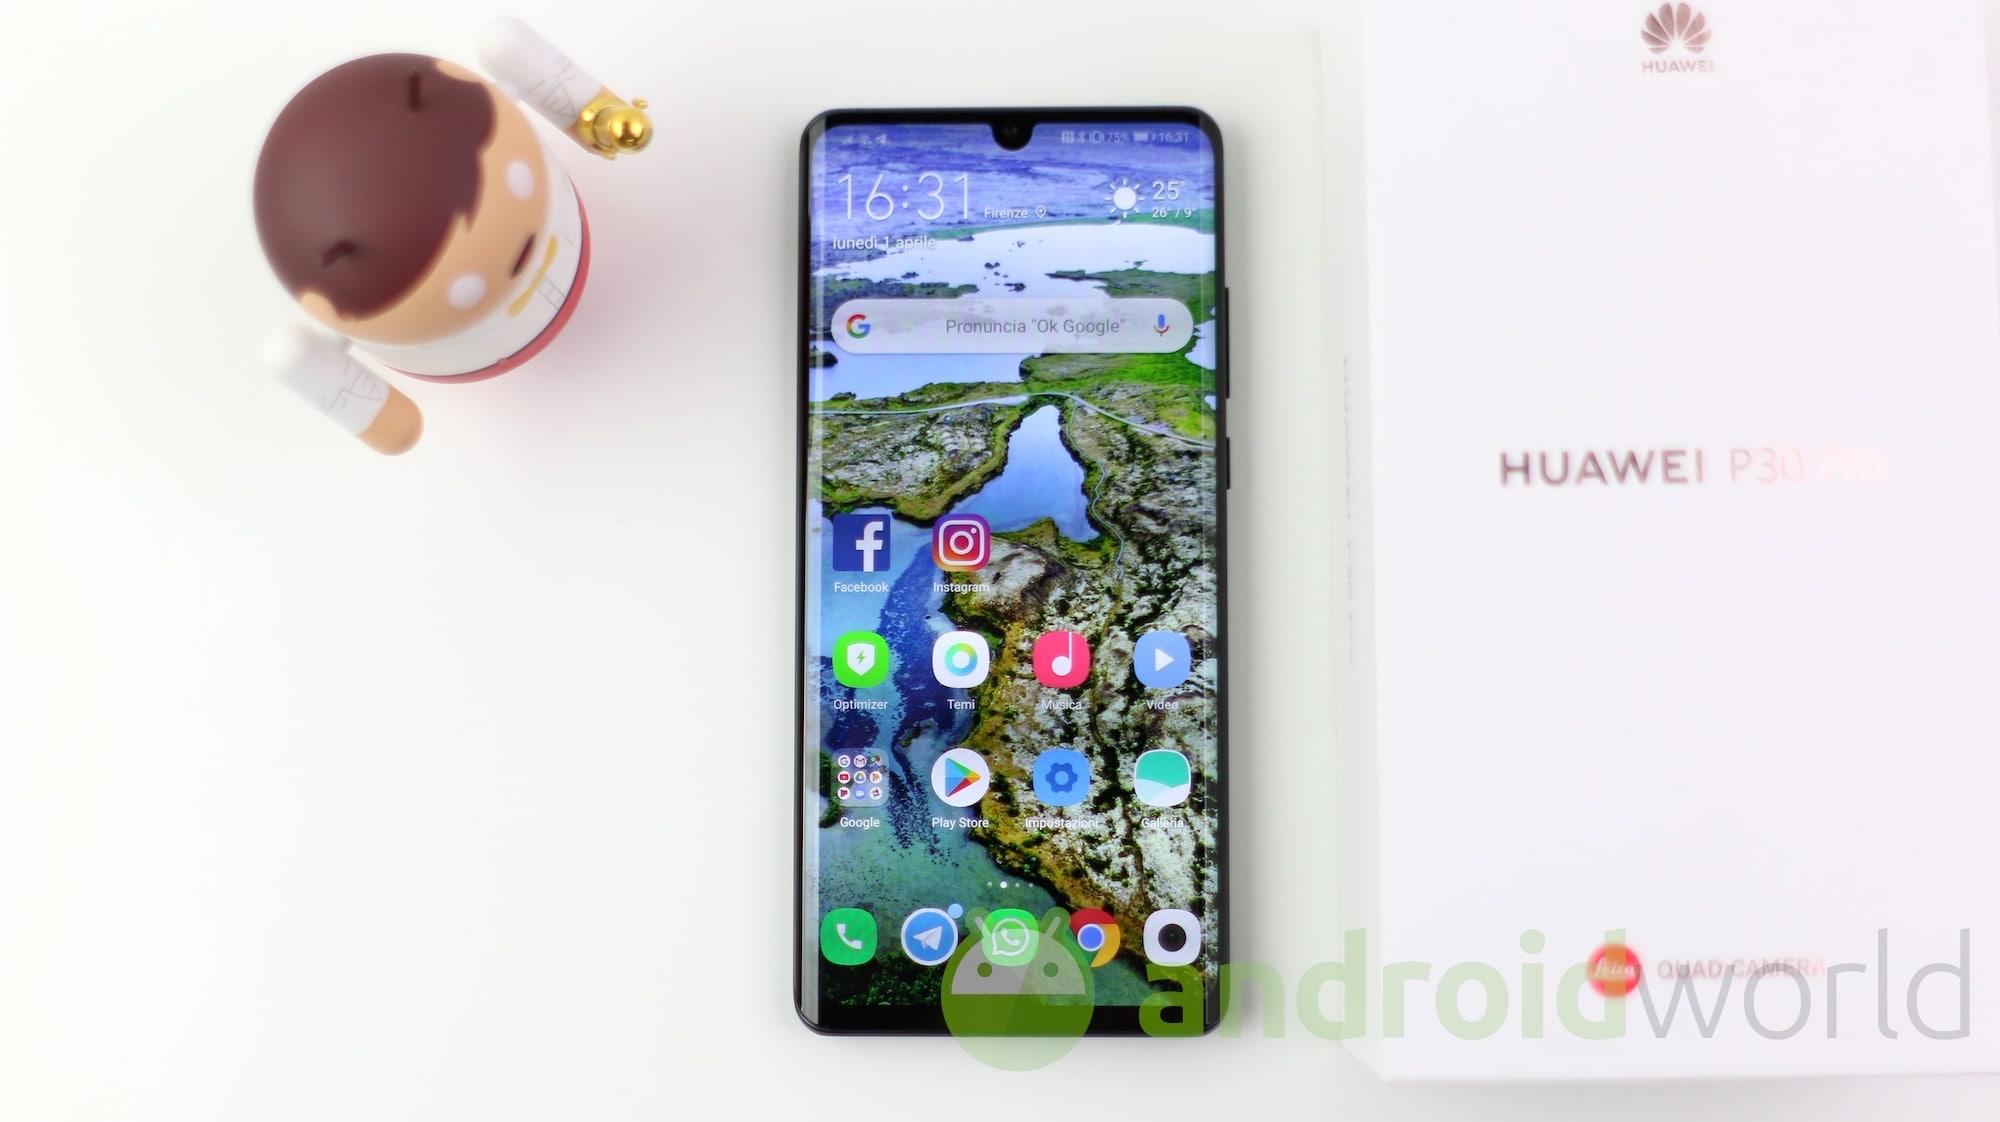 Limportante è Essere Belli Dentro Ecco Un Wallpaper Di Huawei P30